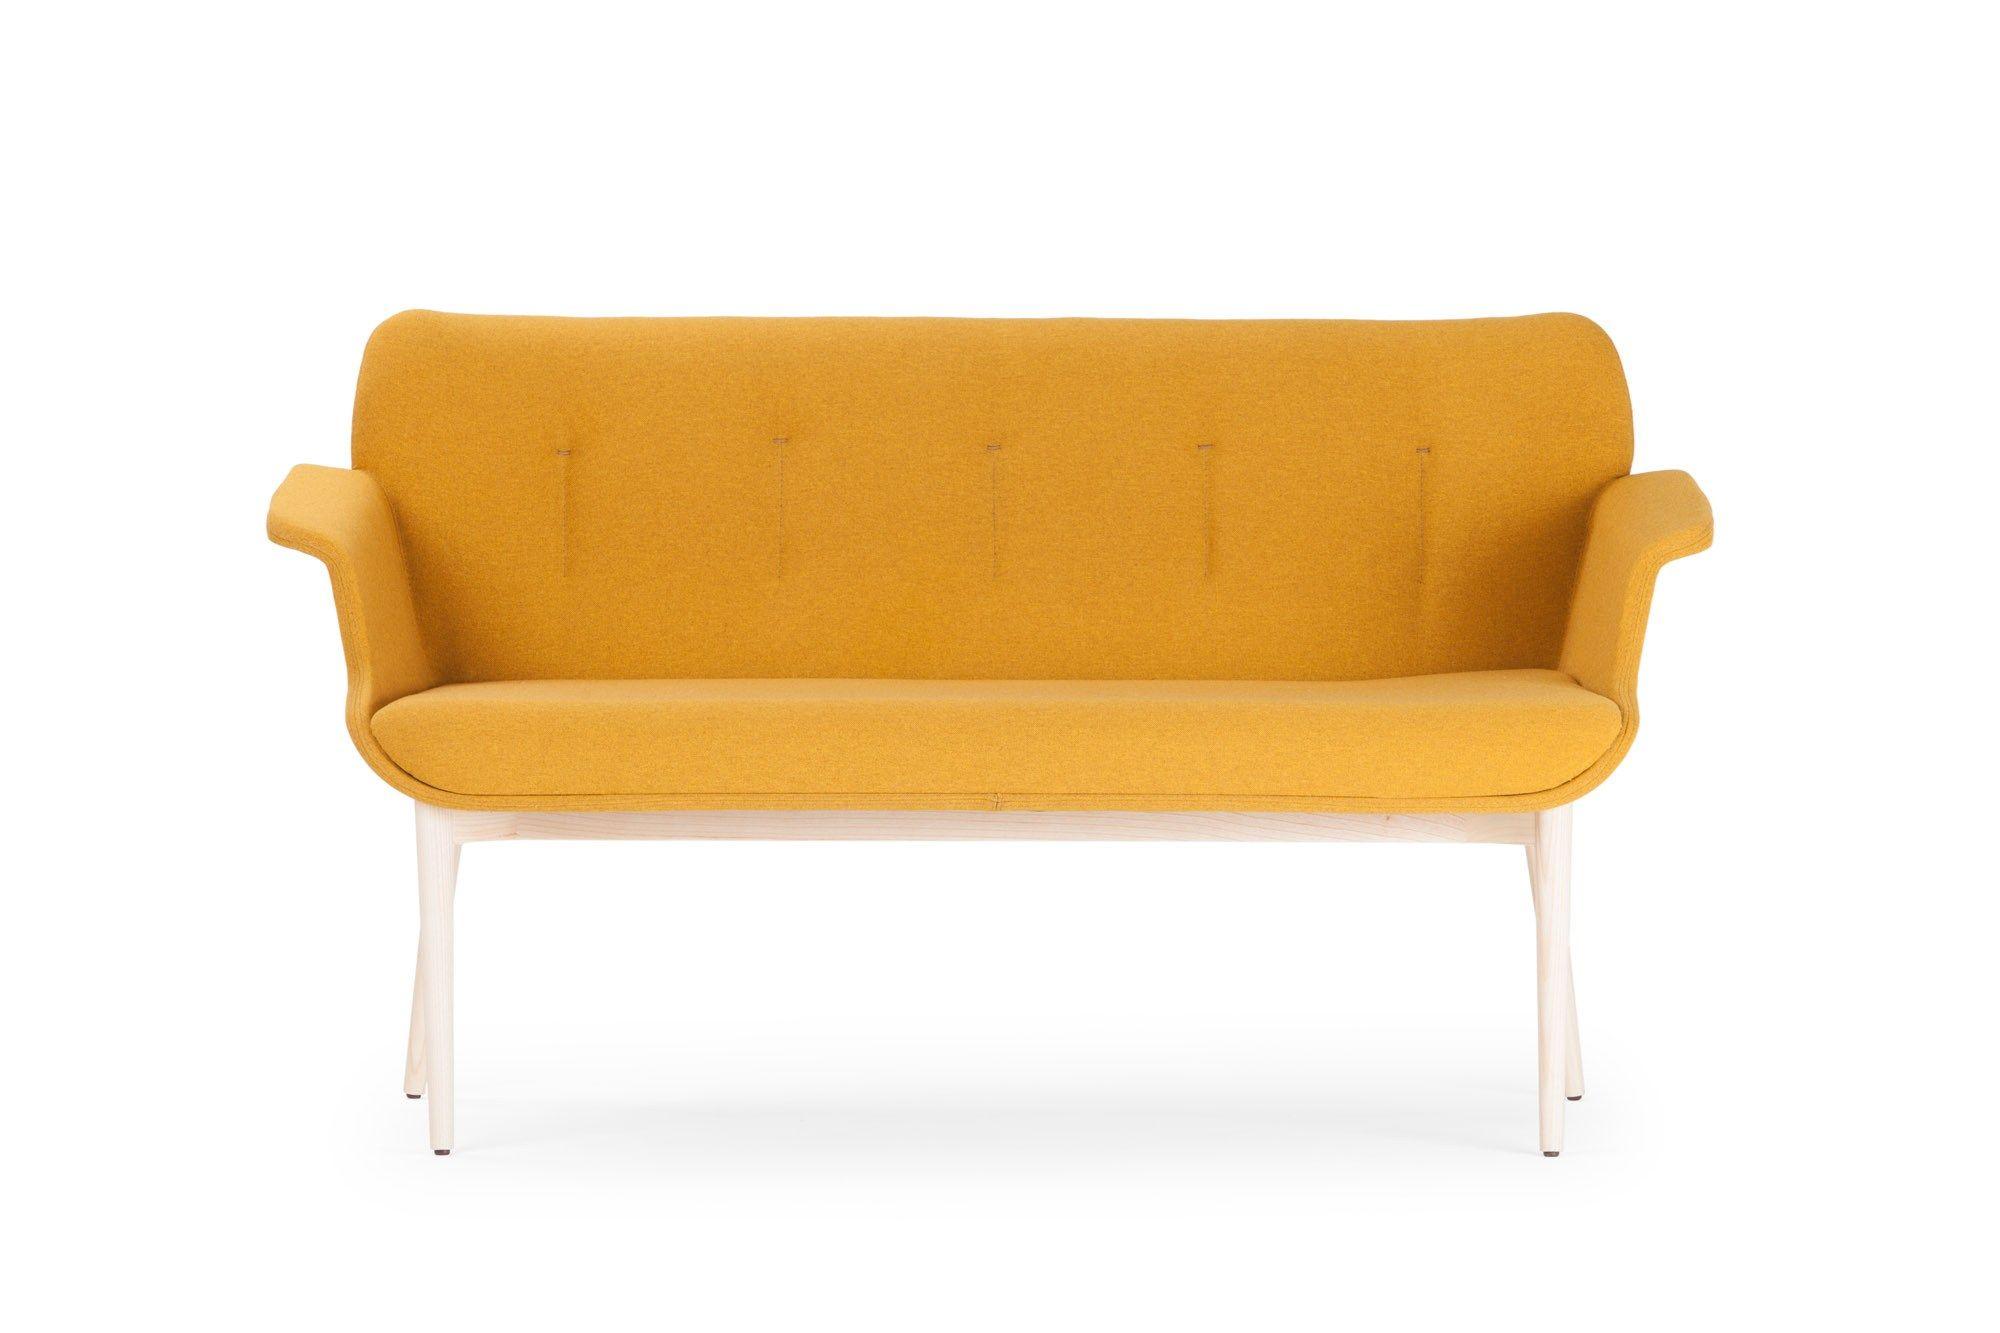 HIVE Small sofa By True Design design FavarettoPartners